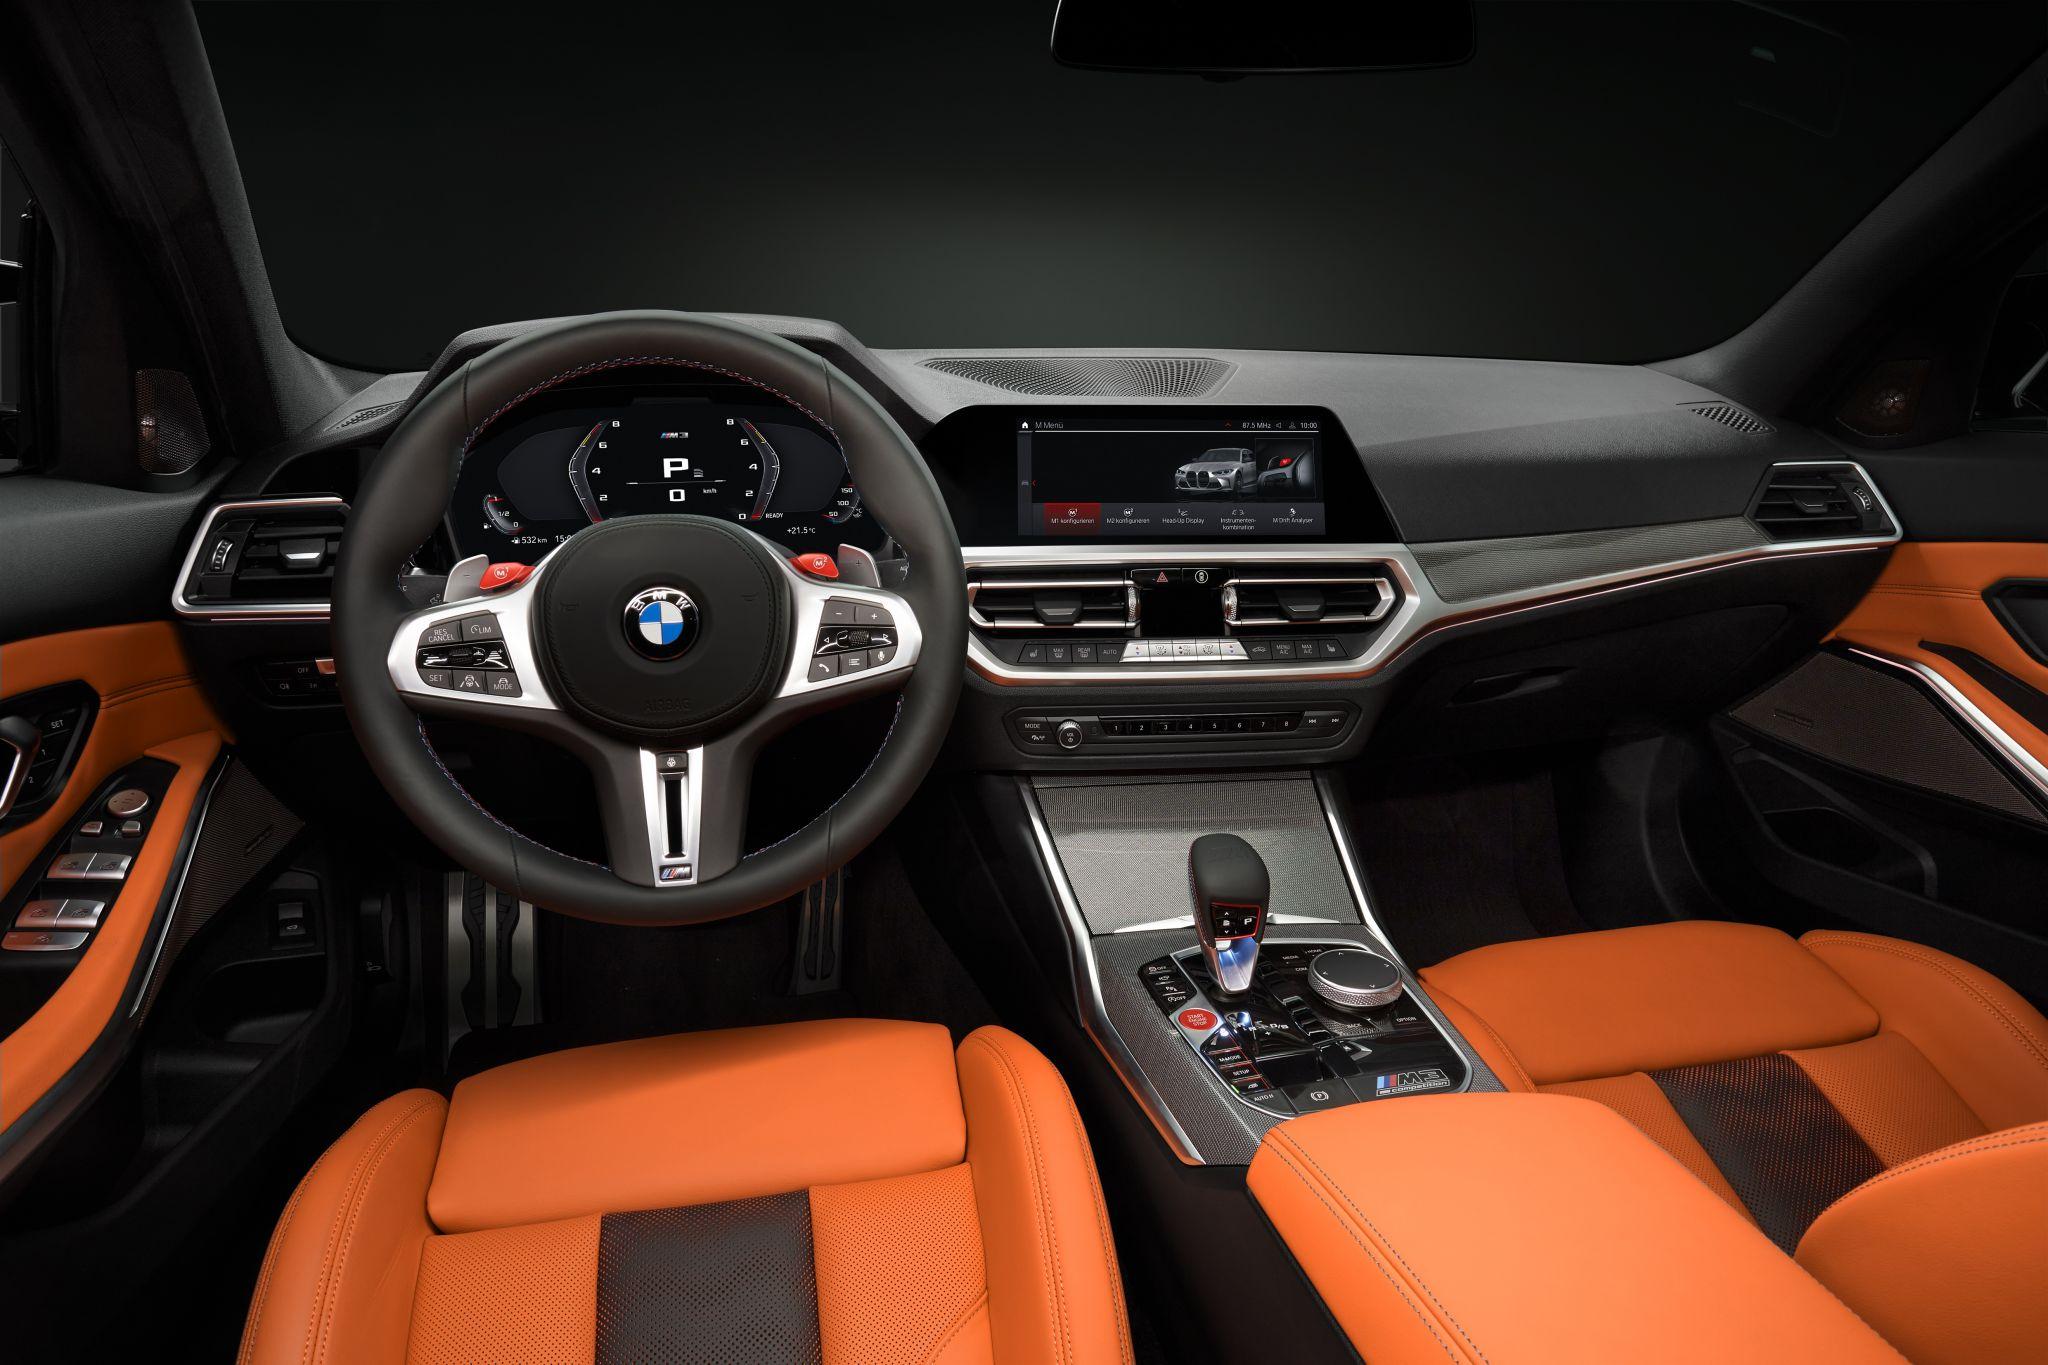 BMW M3 Interieur